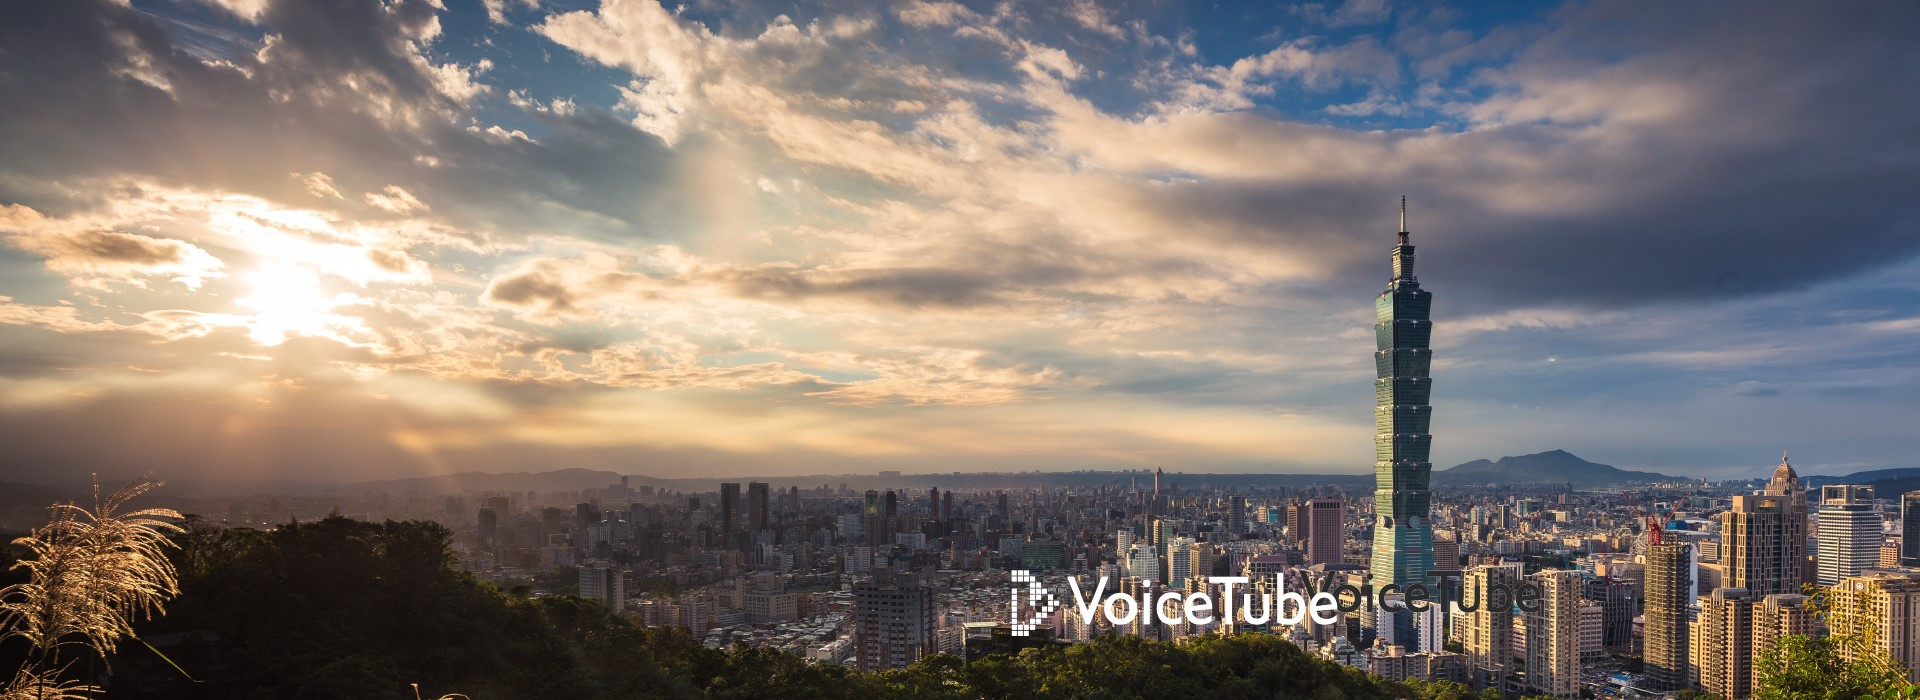 我是台灣人我驕傲!如何用英文介紹台灣?關於台灣你可以介紹的 5 大特色!